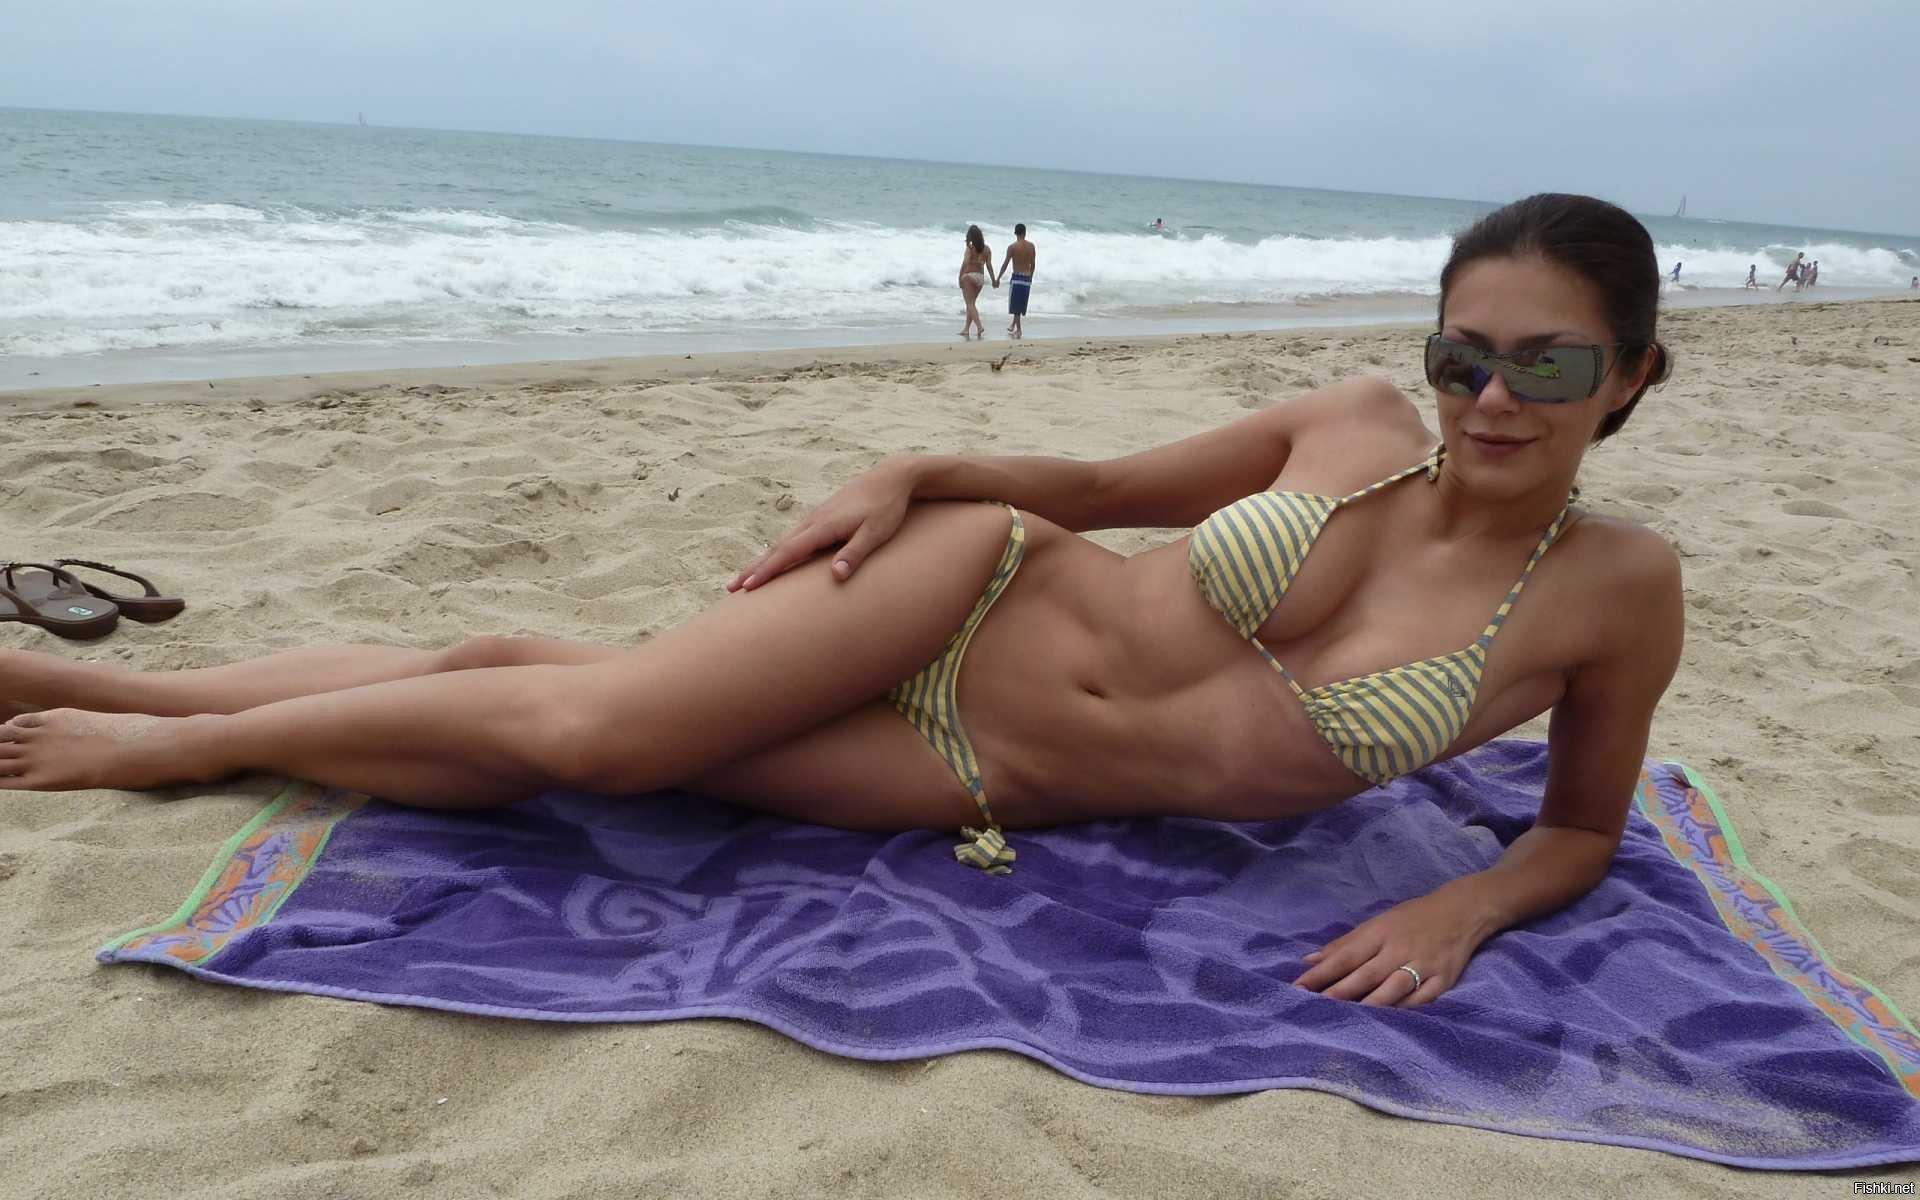 Частные фото пляж, Частное фото девушек на пляже 19 фотография